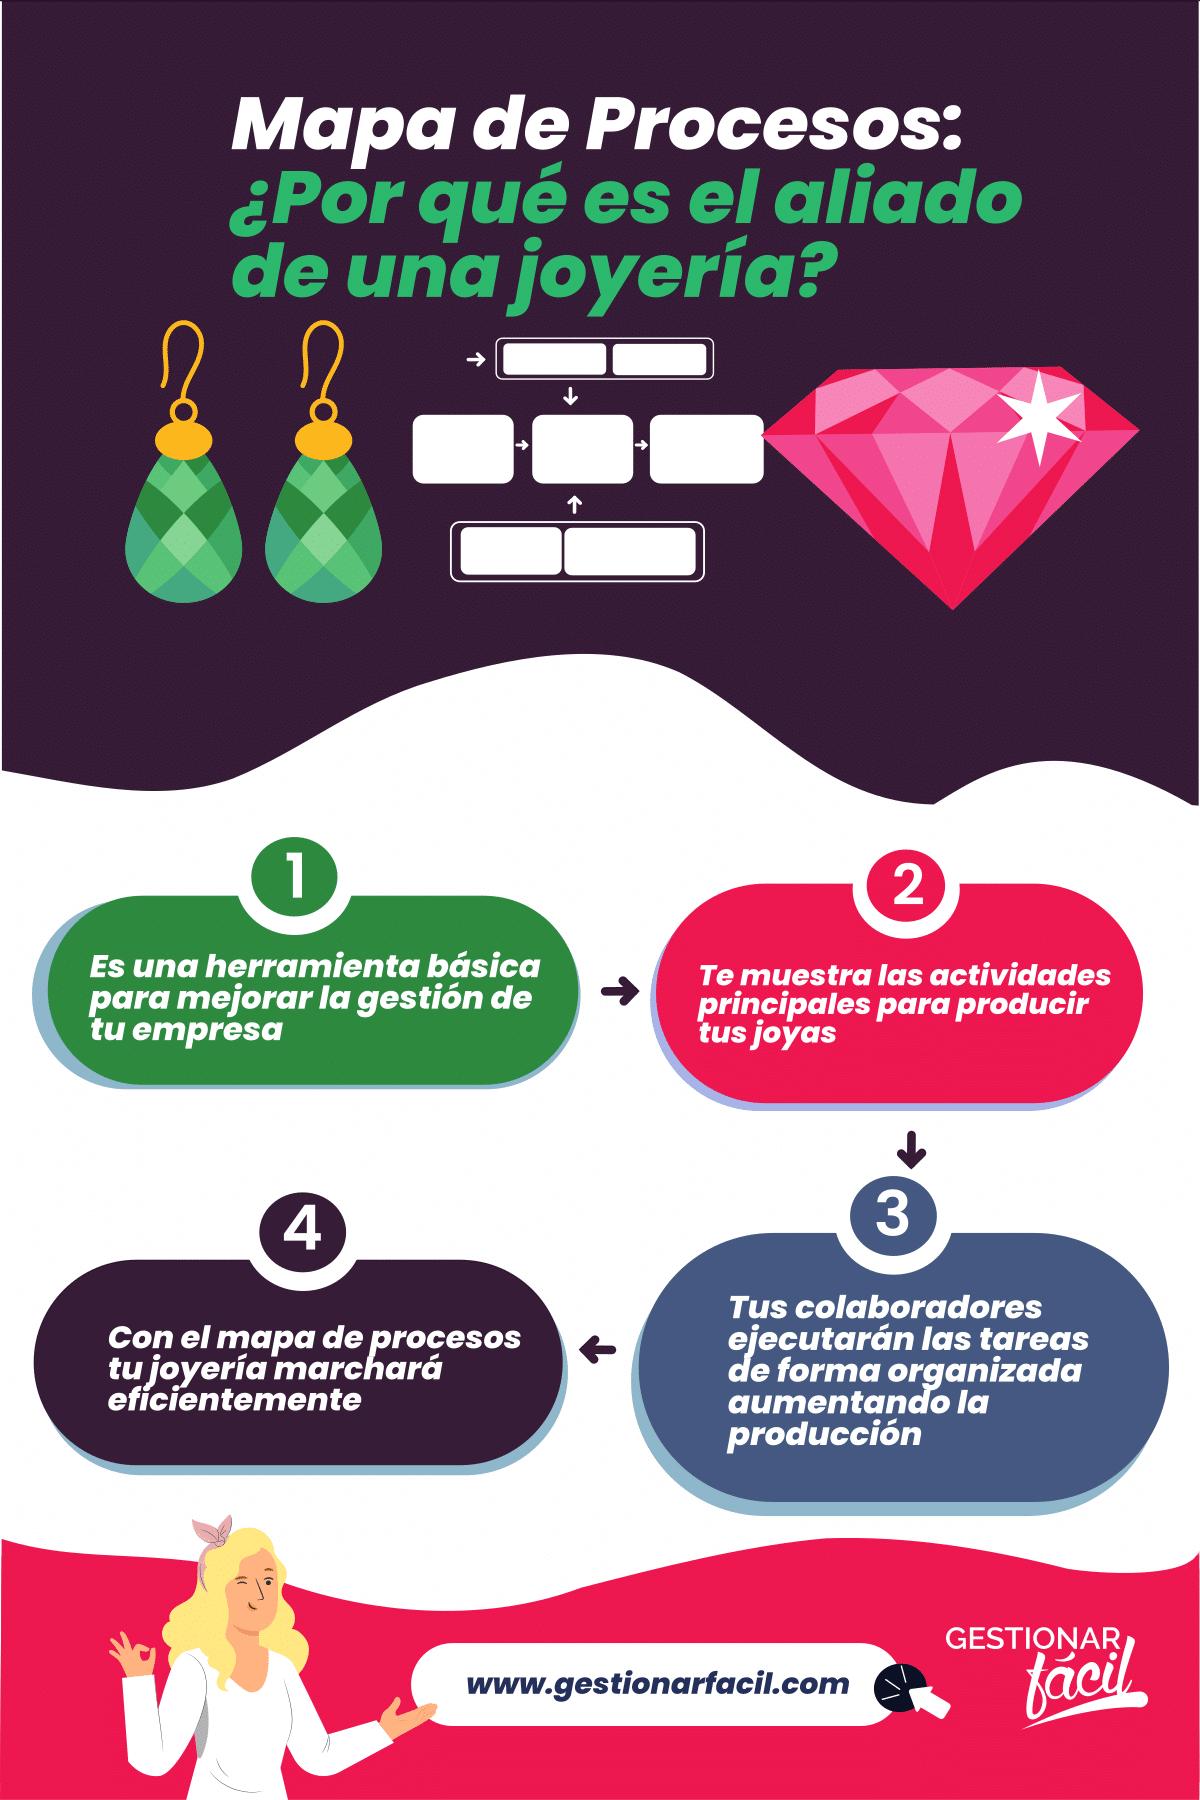 Mapa de Procesos: ¿Por qué es el aliado de una joyería?